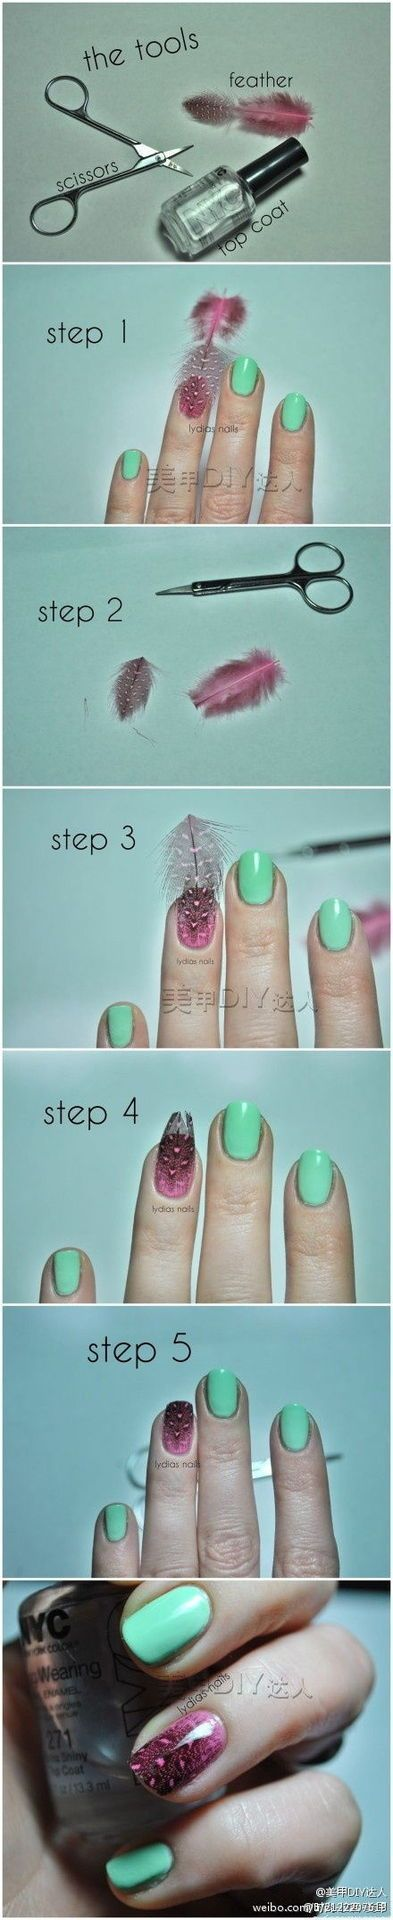 Awesome Nail Idea